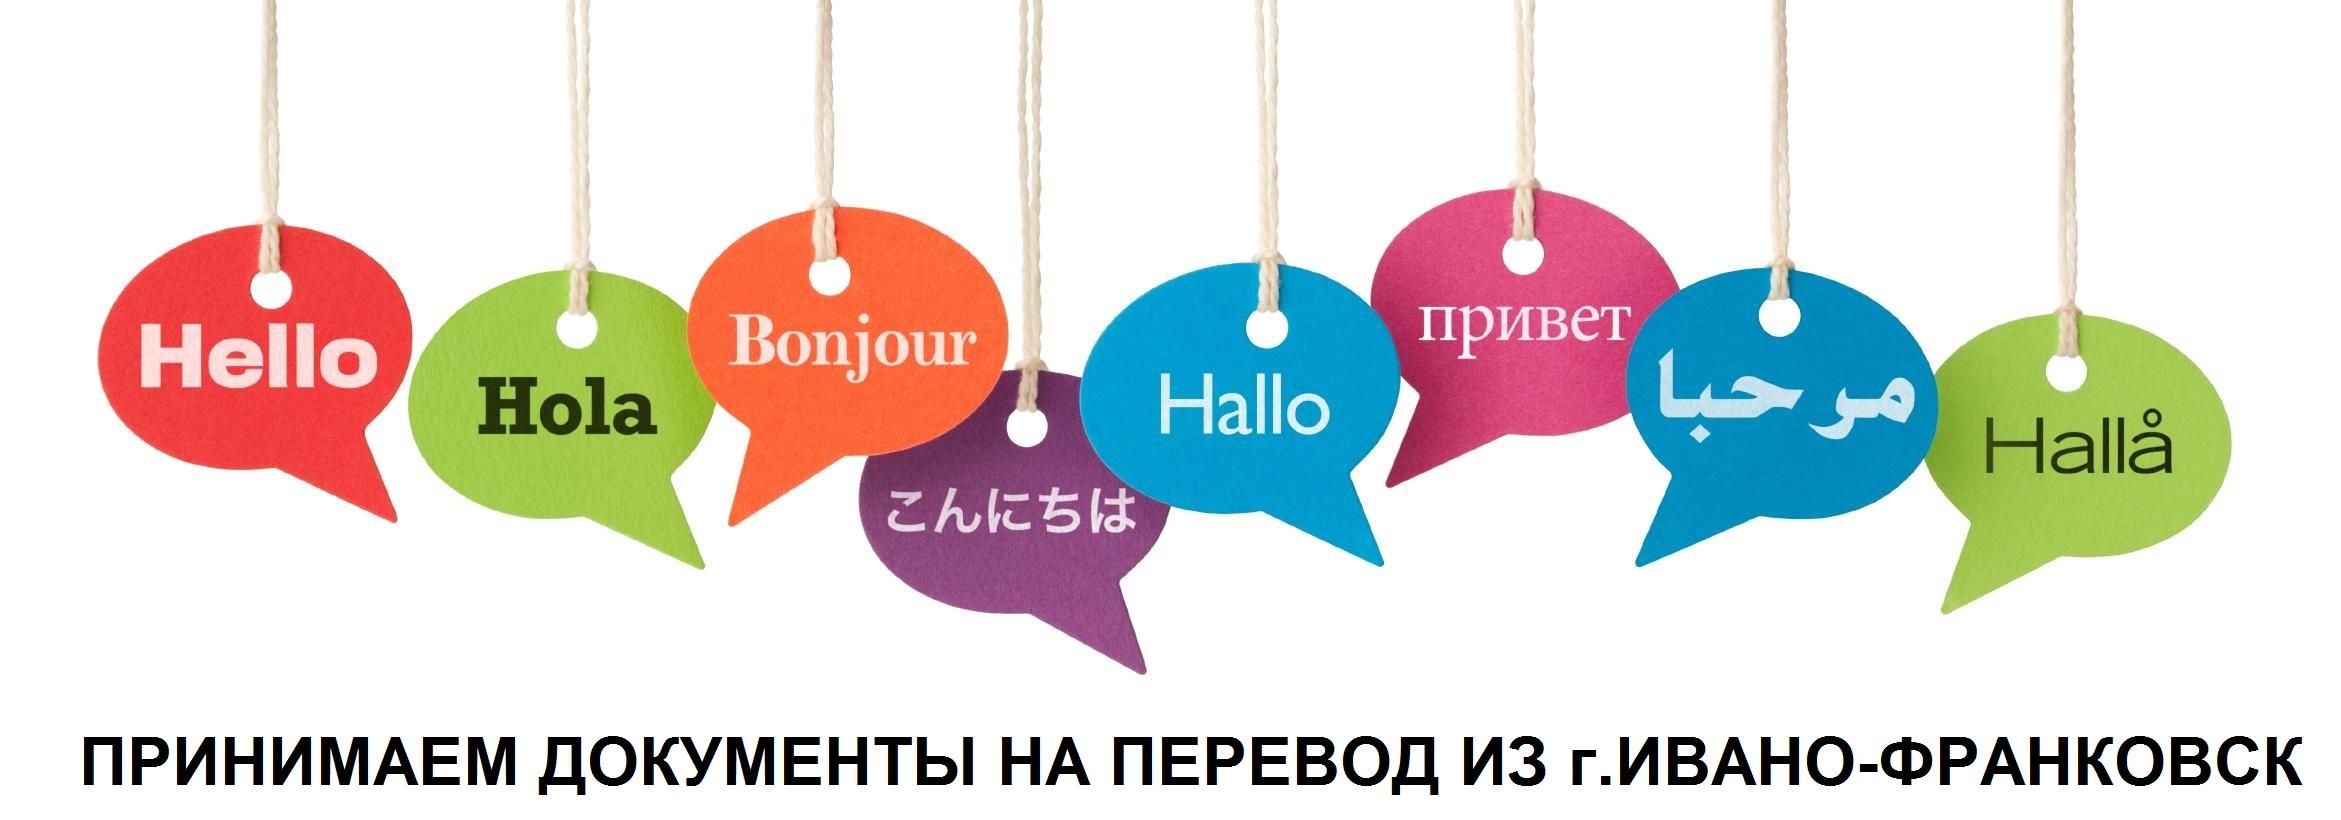 ПРИНИМАЕМ ДОКУМЕНТЫ НА ПЕРЕВОД ИЗ г.ИВАНО-ФРАНКОВСК - SpravkaInform.com.ua